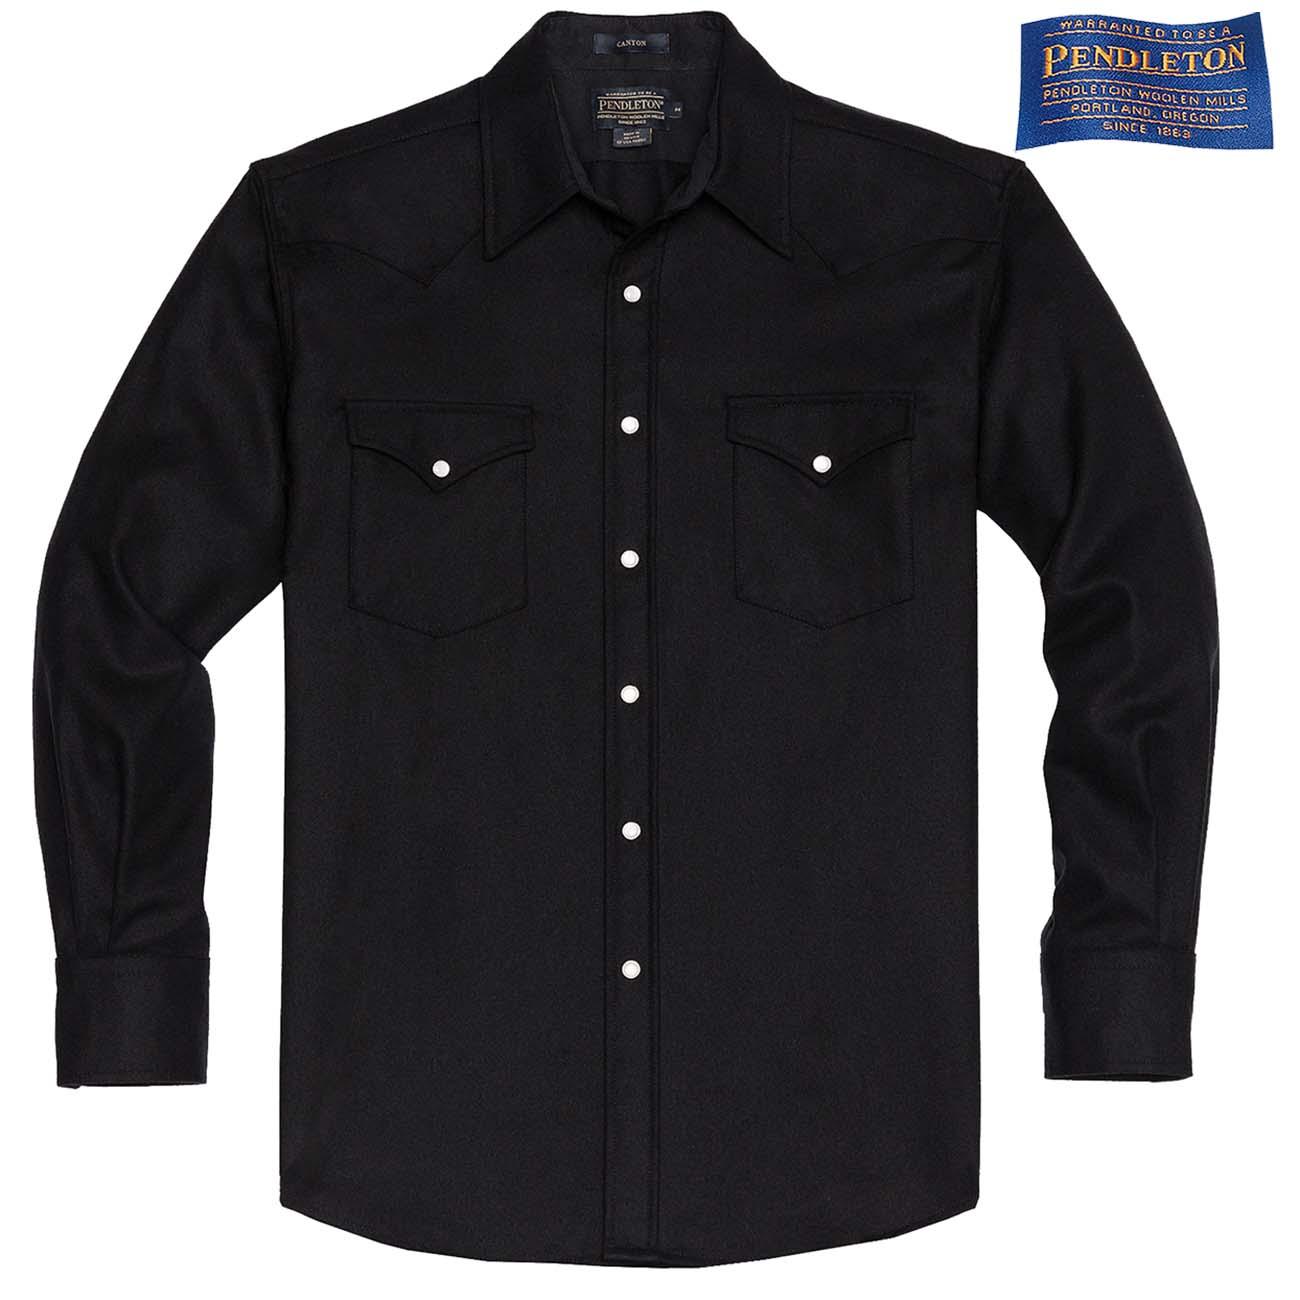 画像1: ペンドルトン ウエスタンシャツ ブラック無地/Pendleton Western Shirt